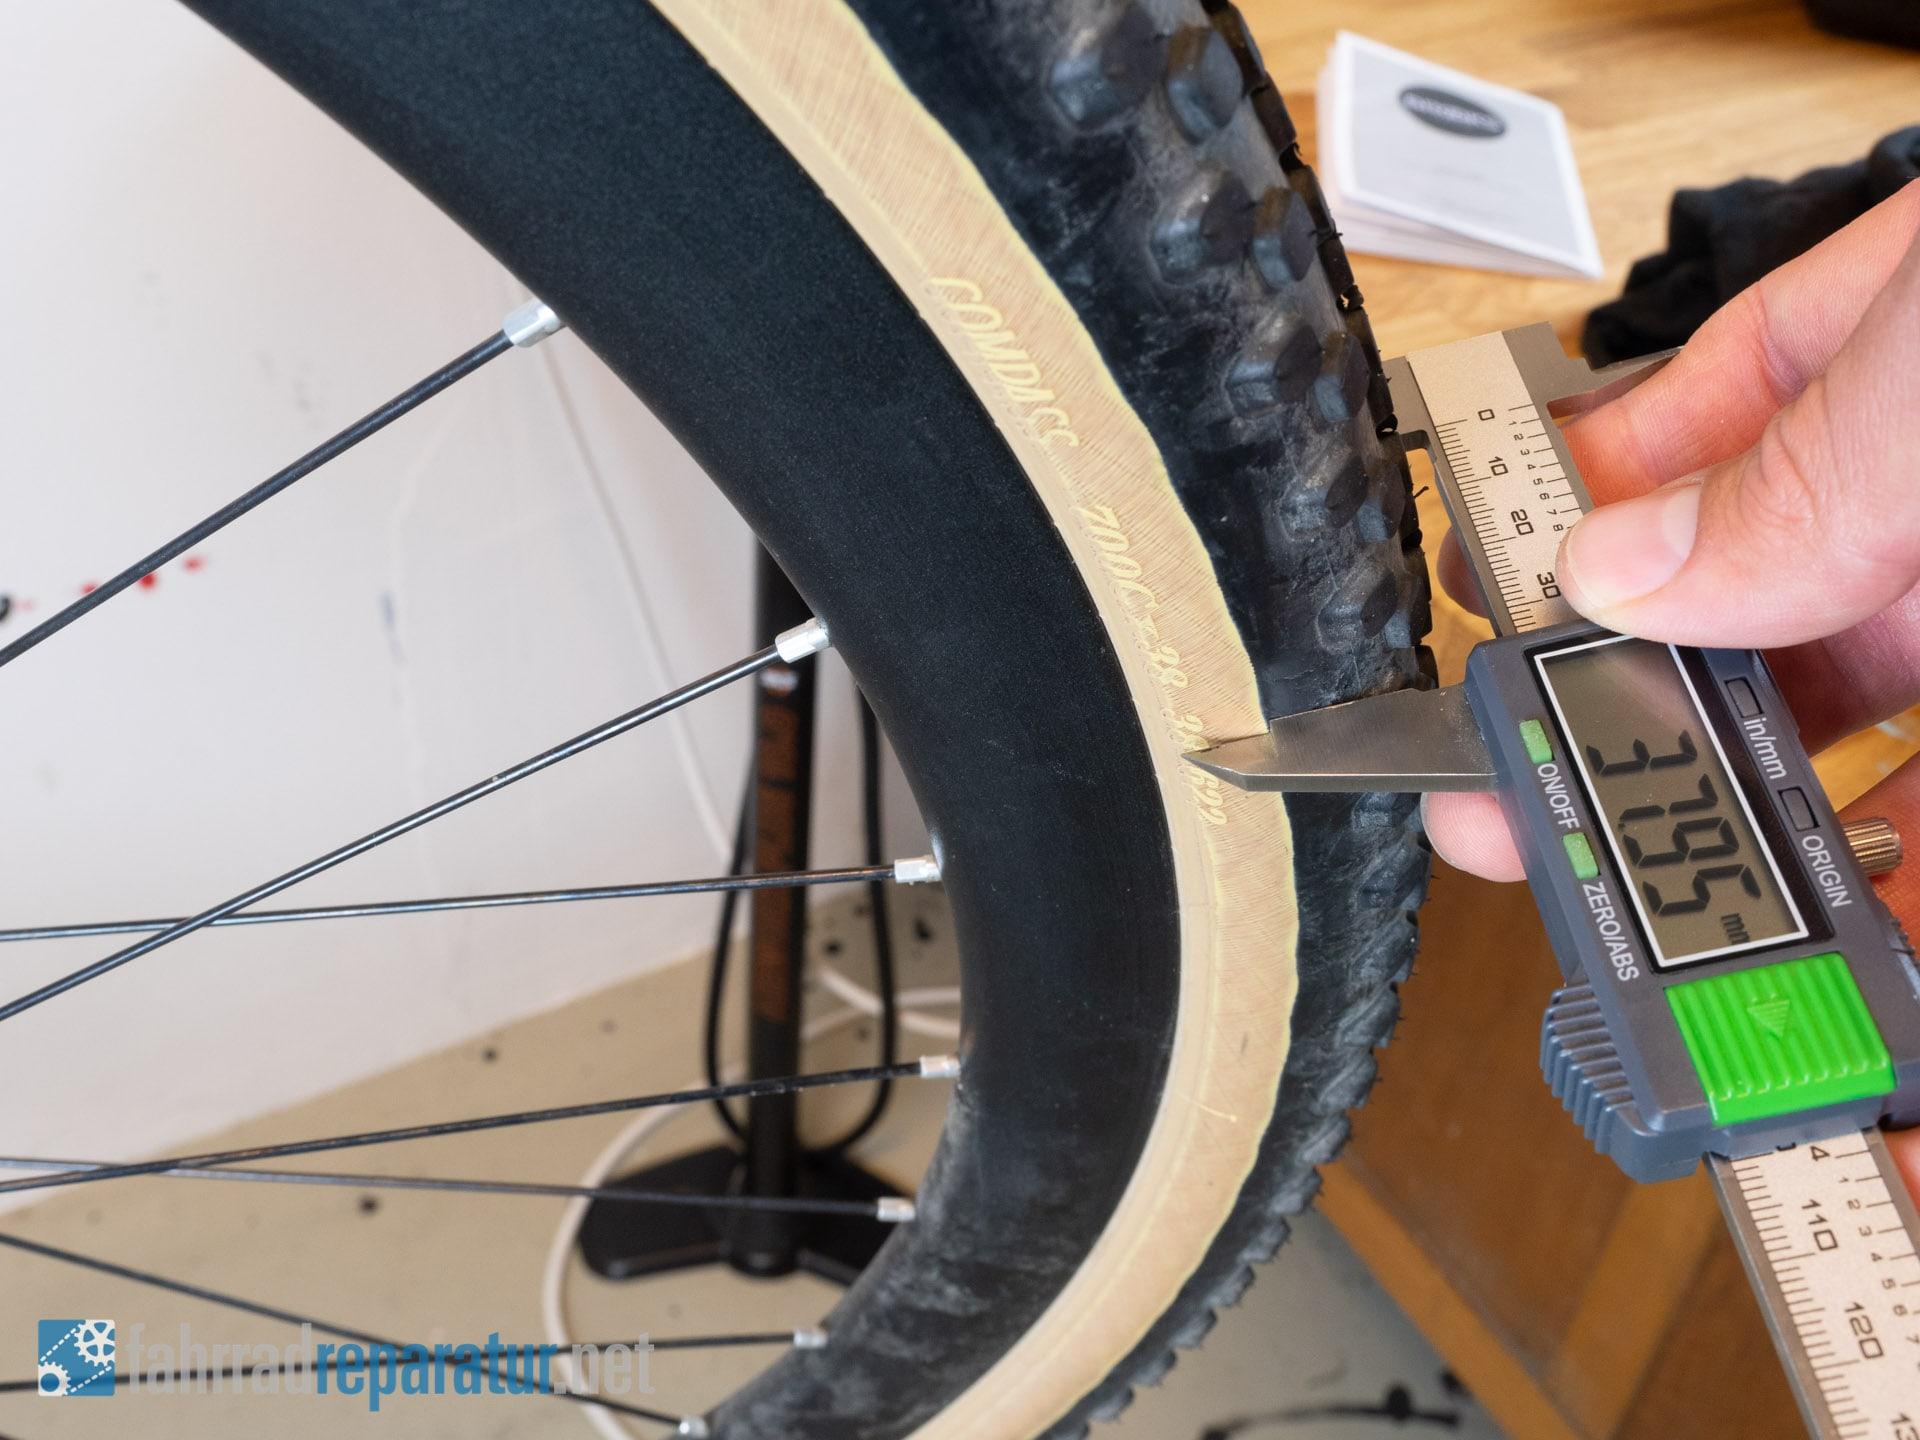 9B - Klassische Reifengröße im Aufwind - fahrradreparatur.net